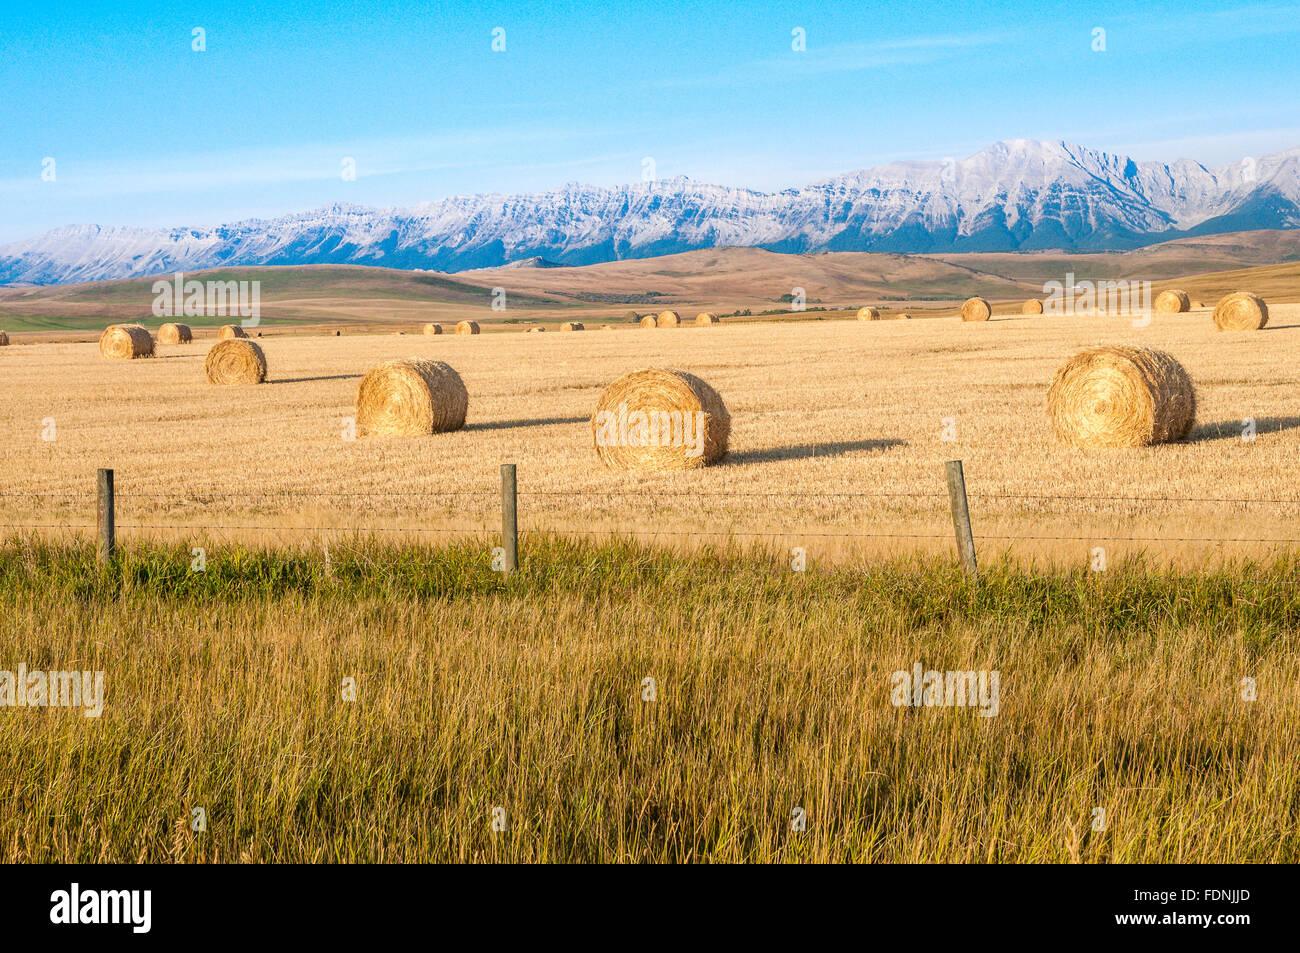 Hay bales at Maycroft, Alberta, Canada - Stock Image